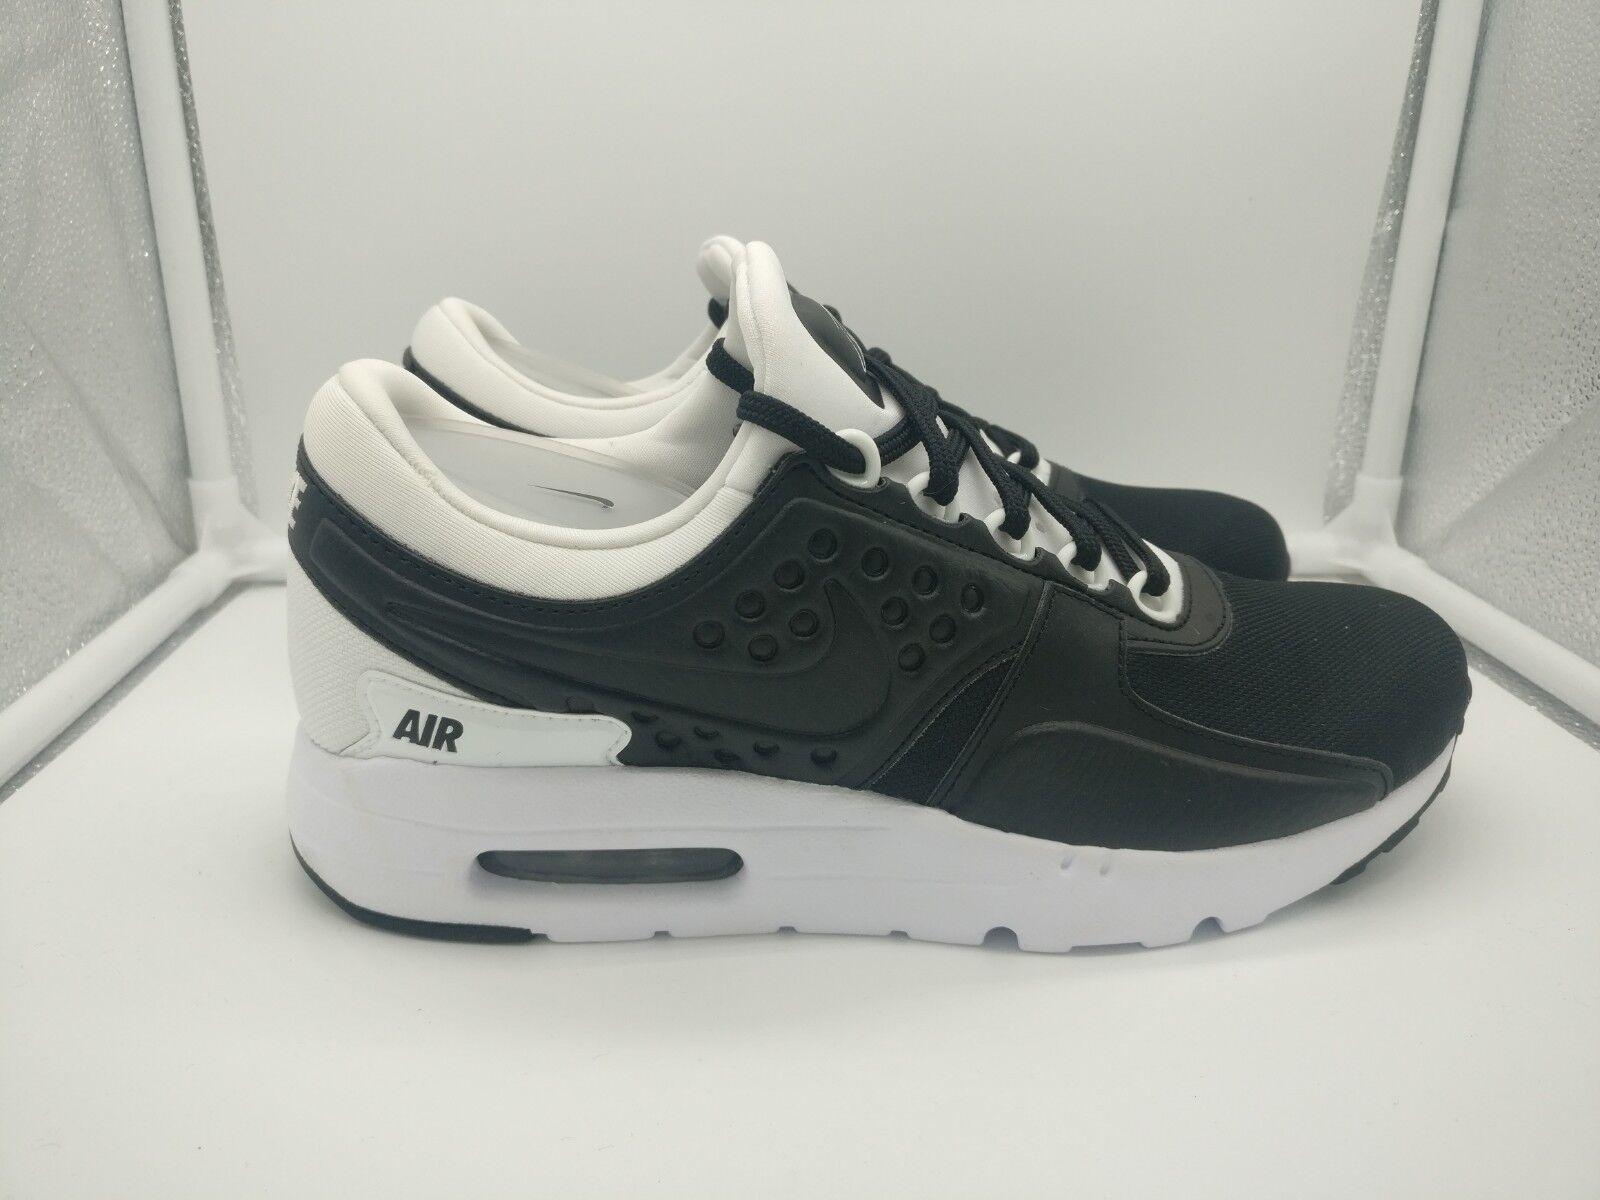 Nike Air Max Premium Zero Nero Nero Bianco Bianco Bianco 881982-003   Caratteristico  60d7fc